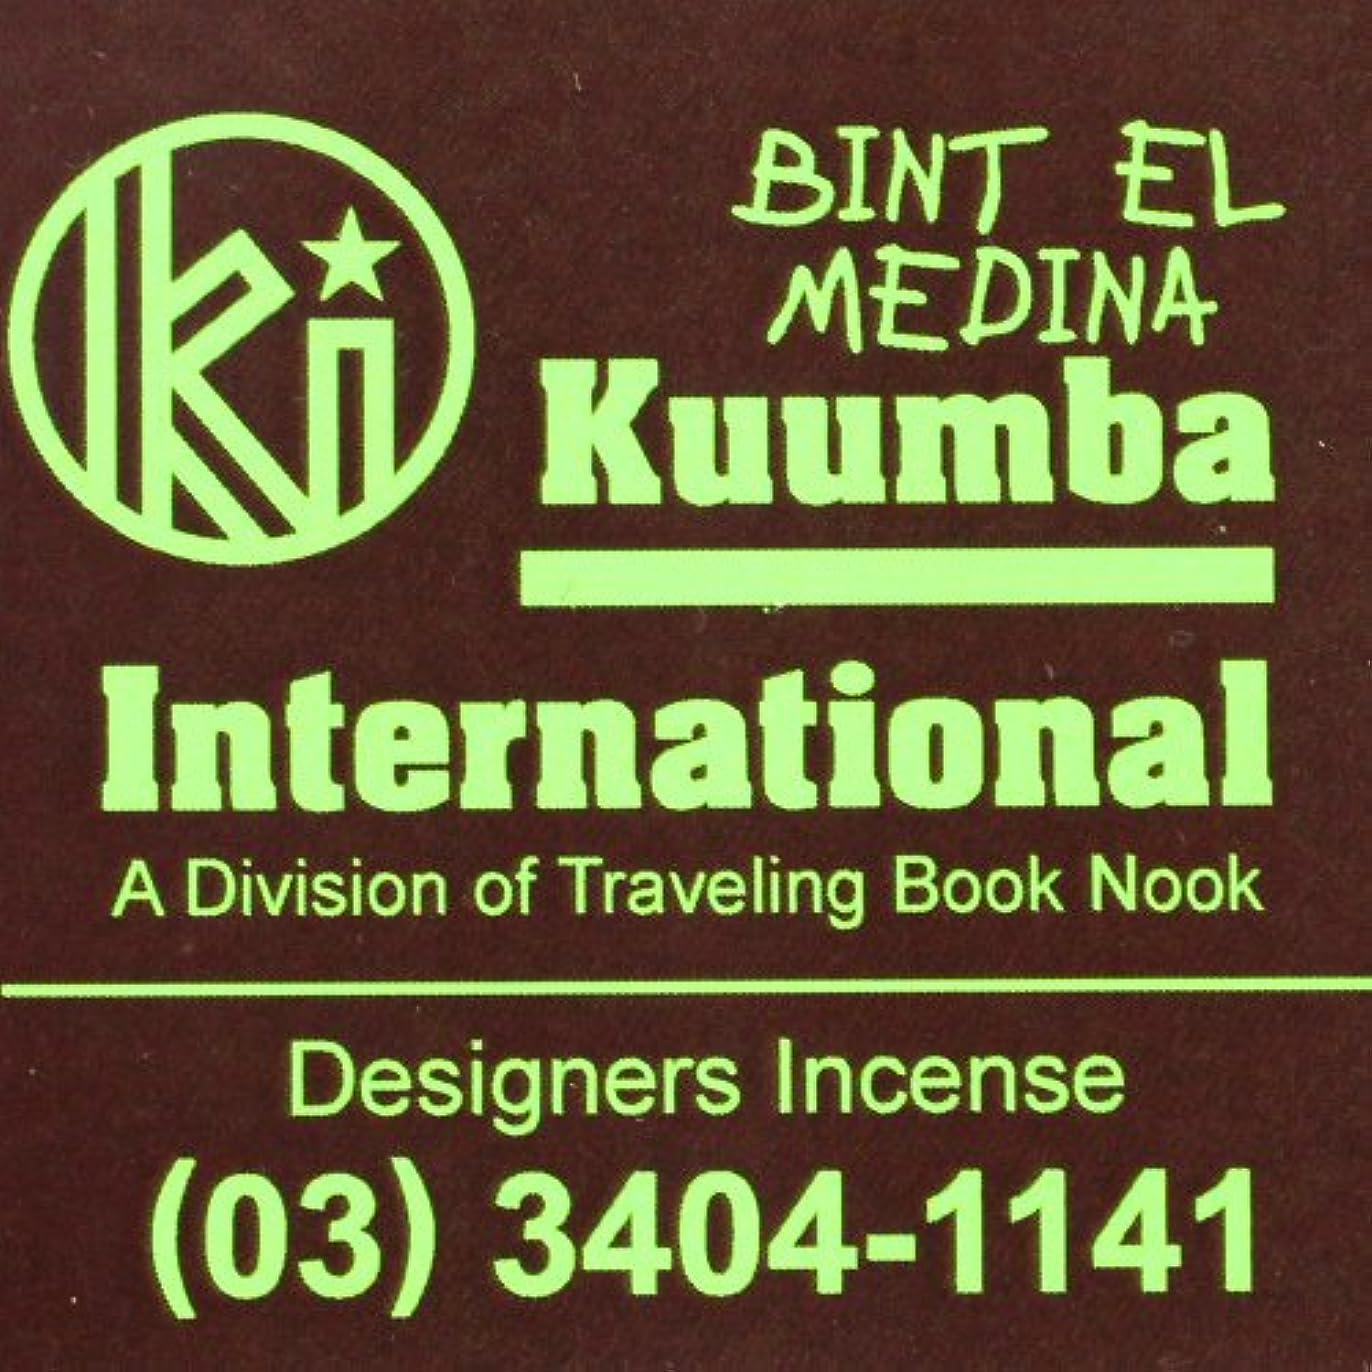 税金必要としている解任(クンバ) KUUMBA『classic regular incense』(BINT EL MEDINA) (Regular size)